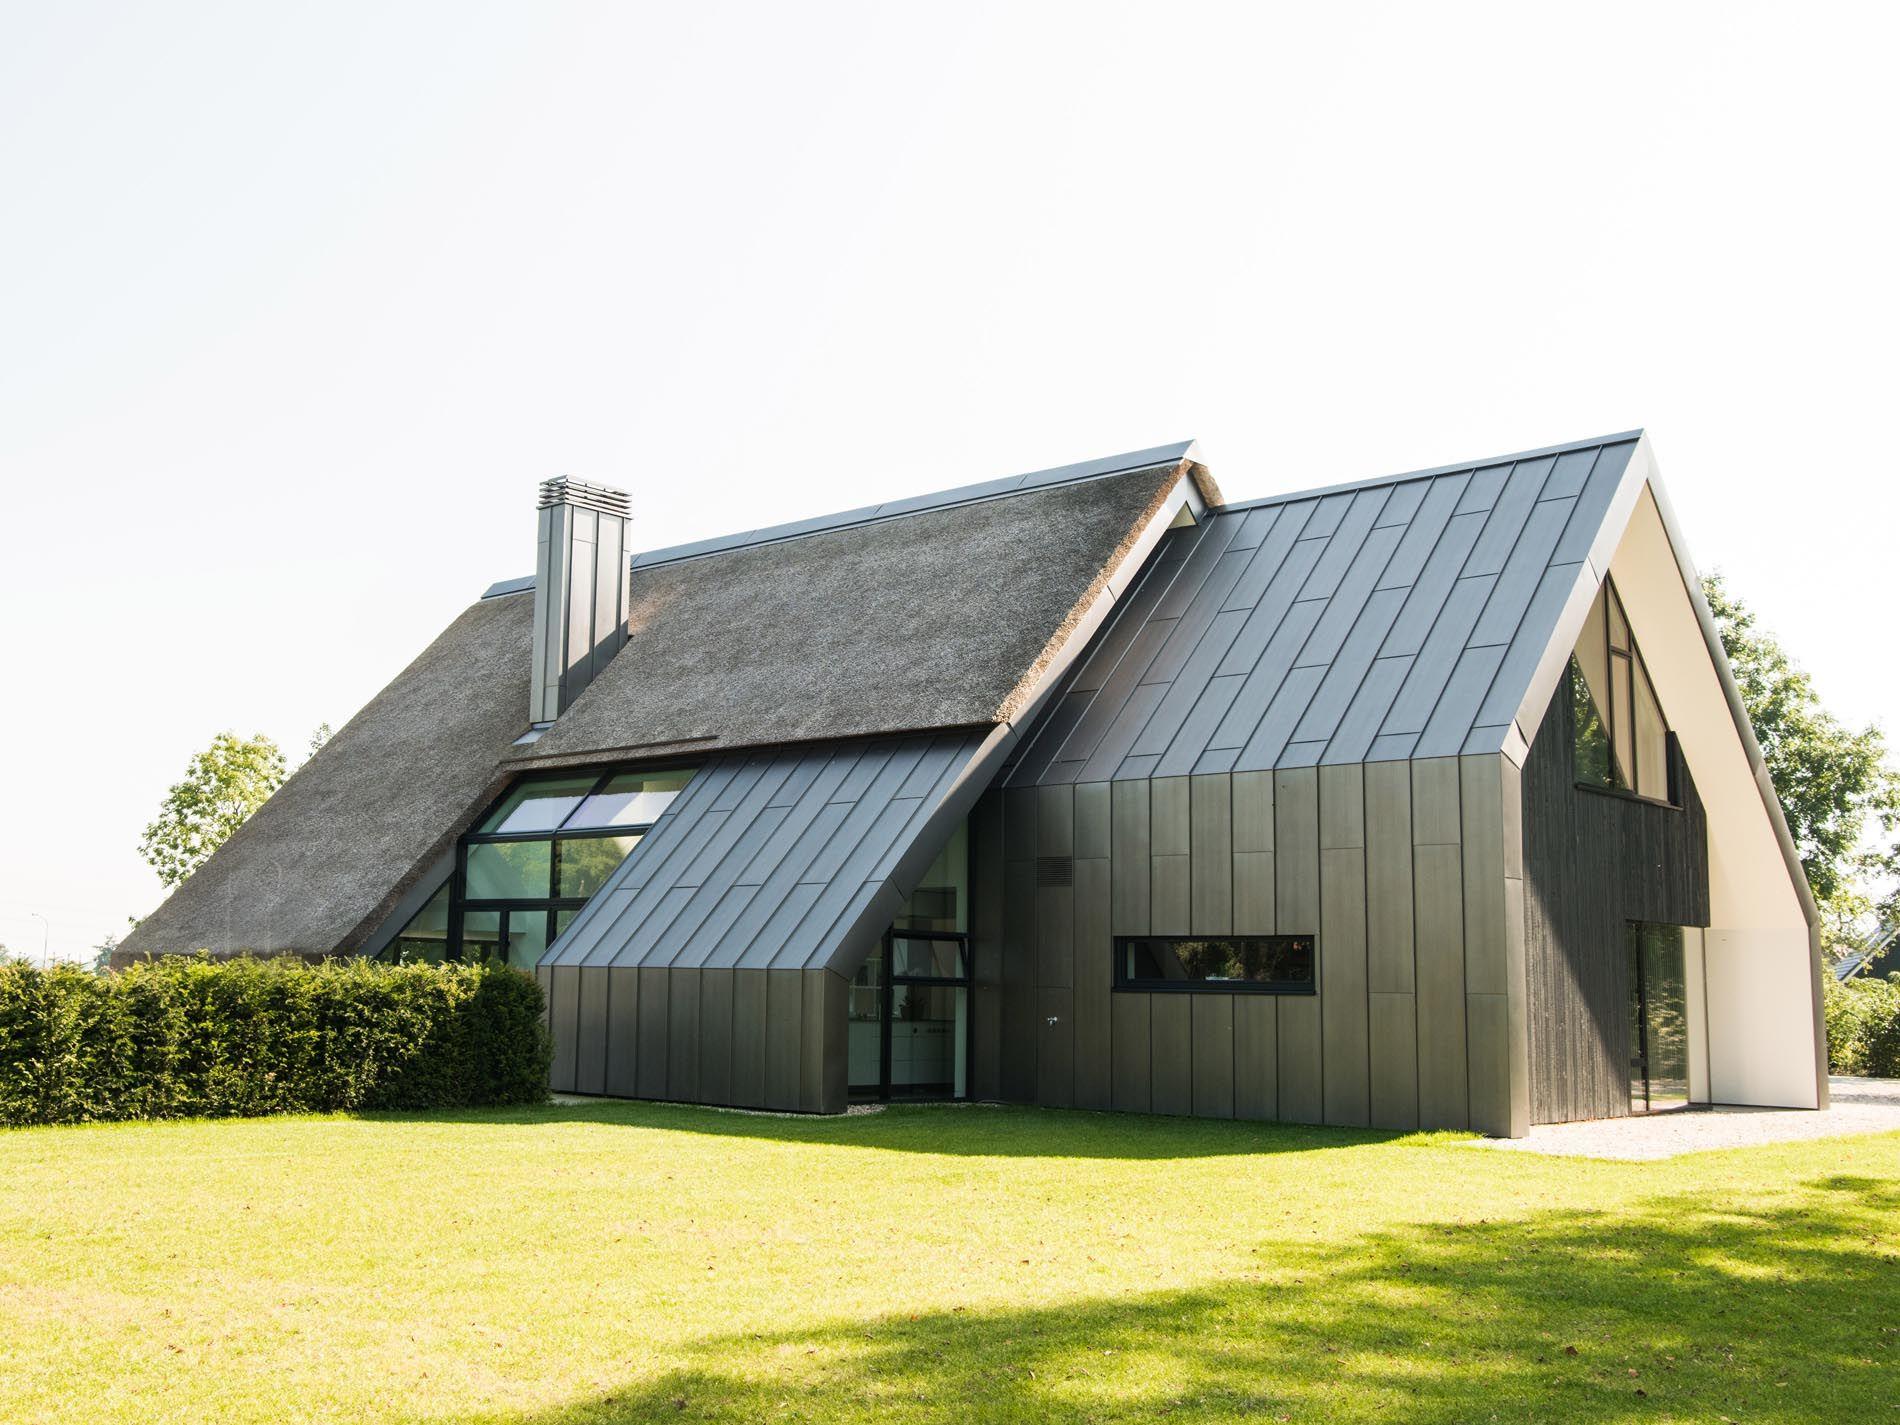 Maas architecten woonhuis peize gaaf architectuur for Hedendaagse architecten